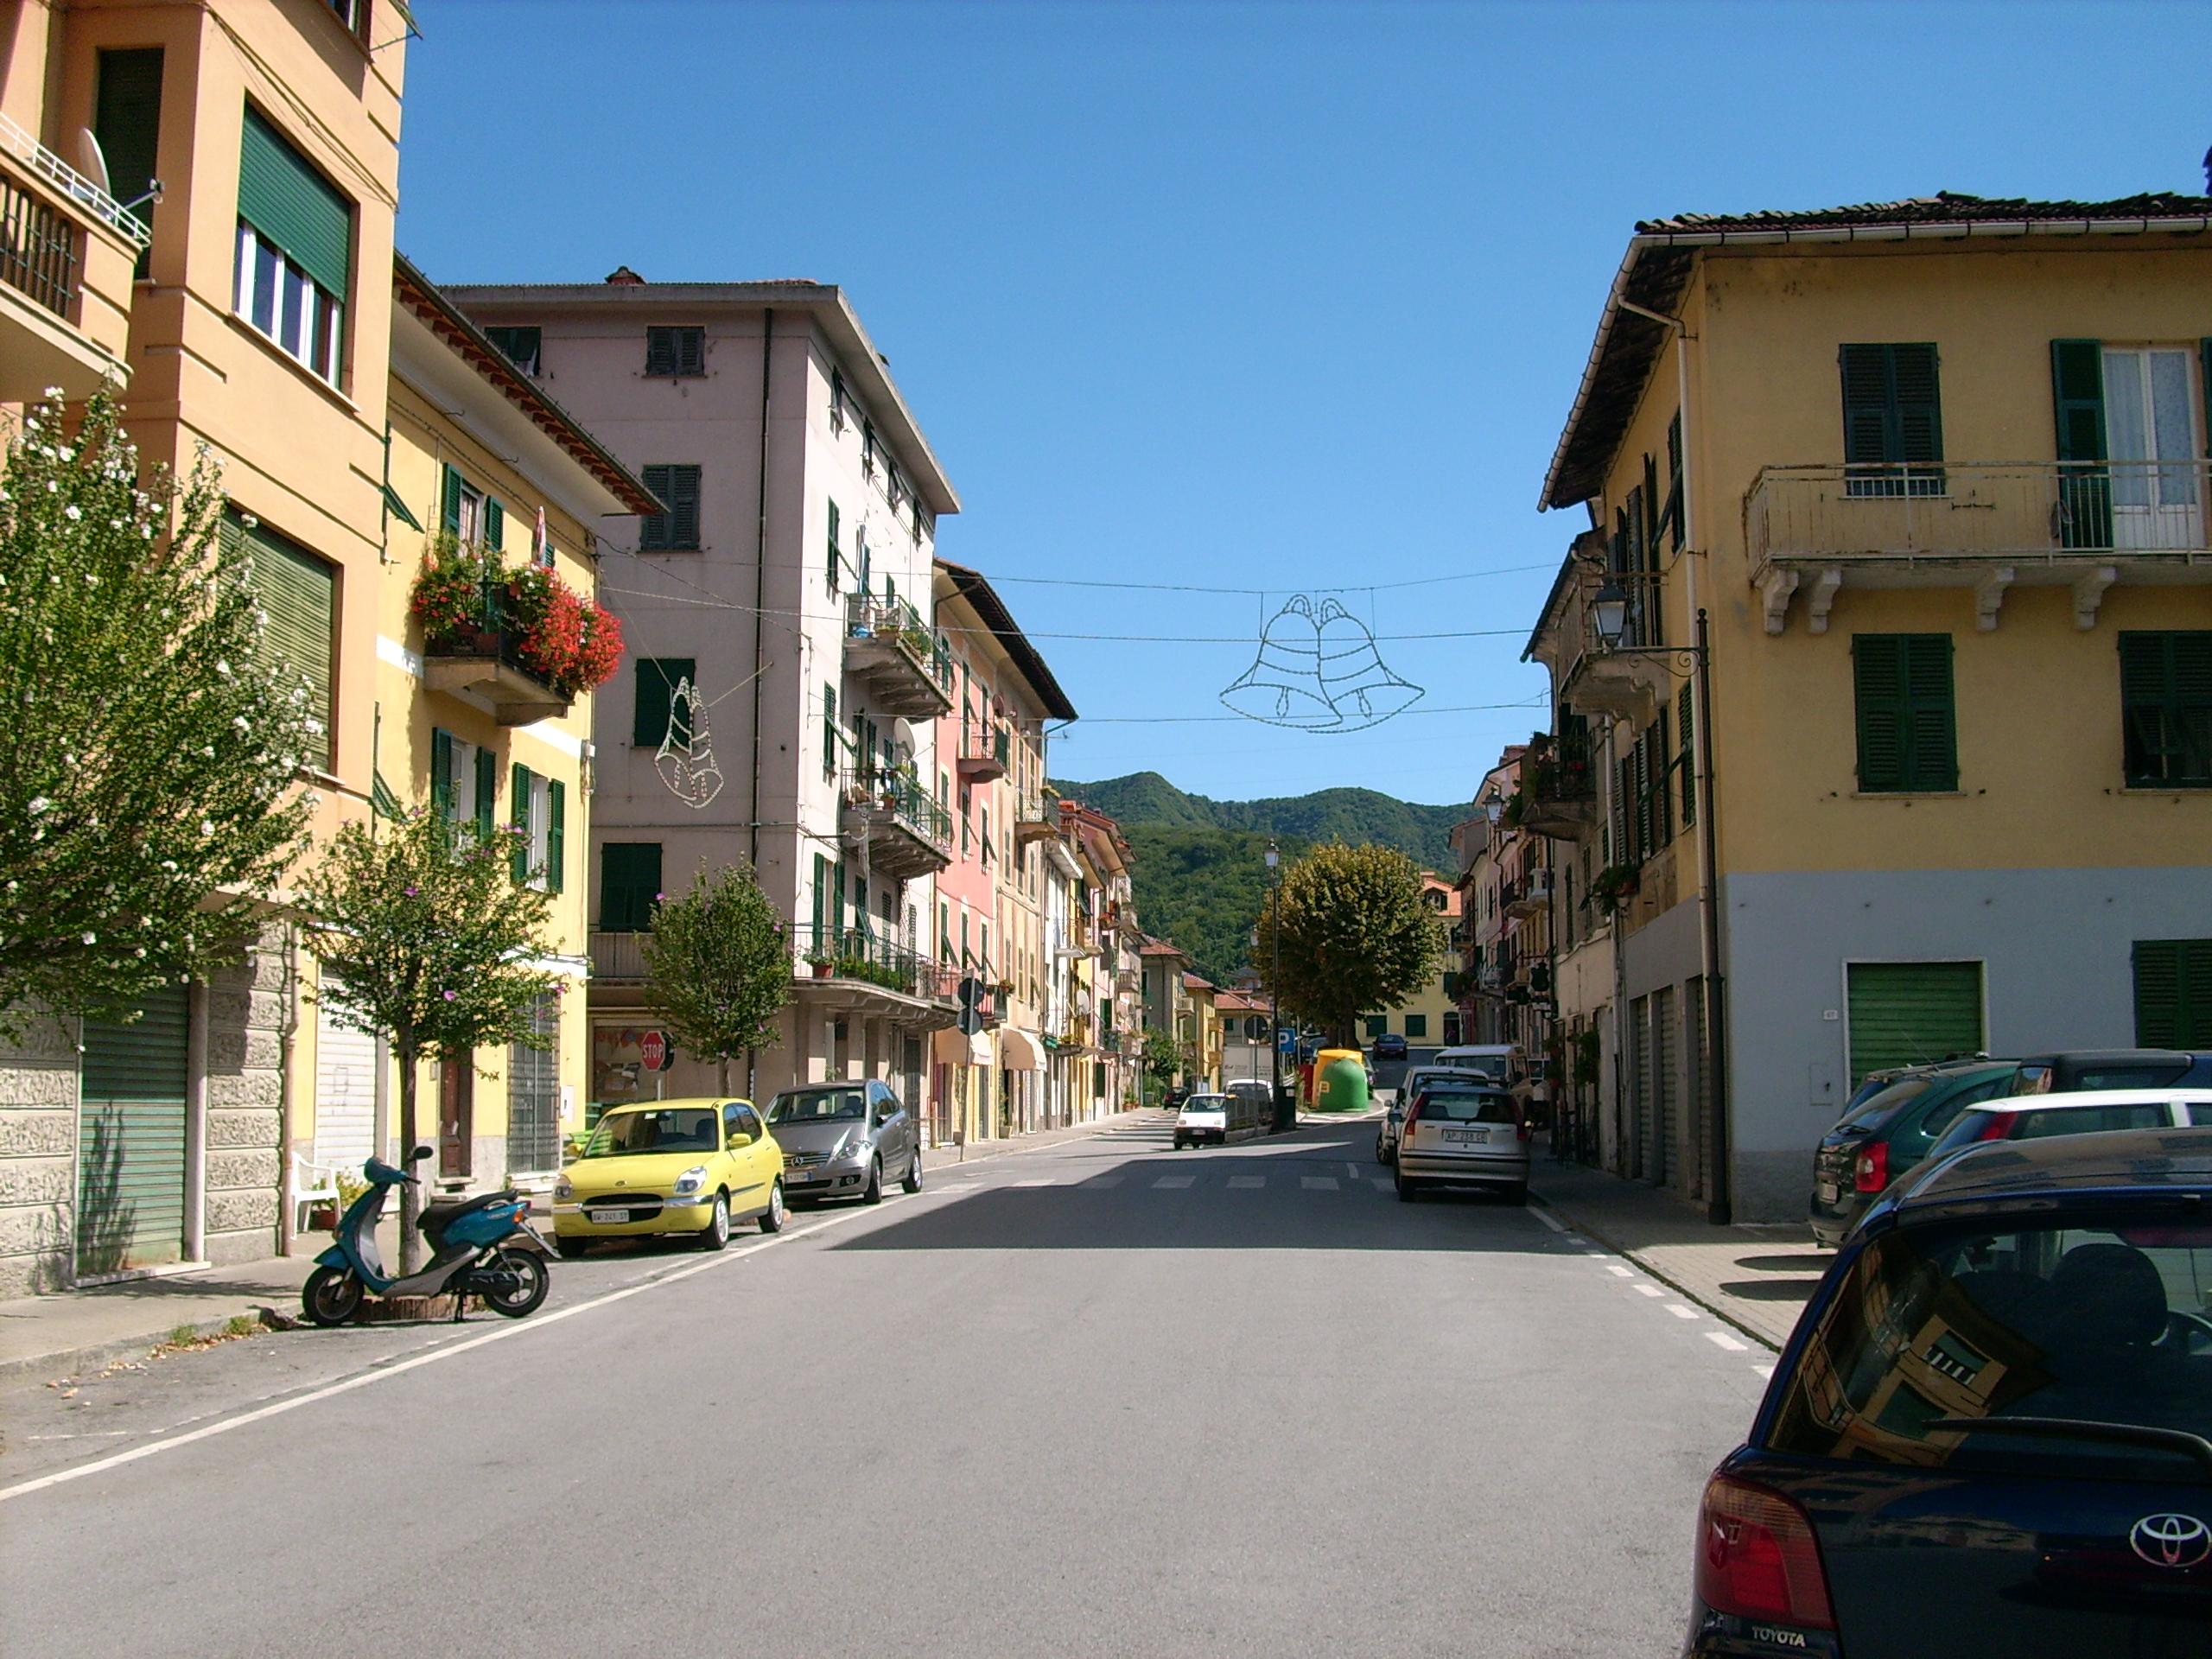 Ronco Scrivia, Liguria